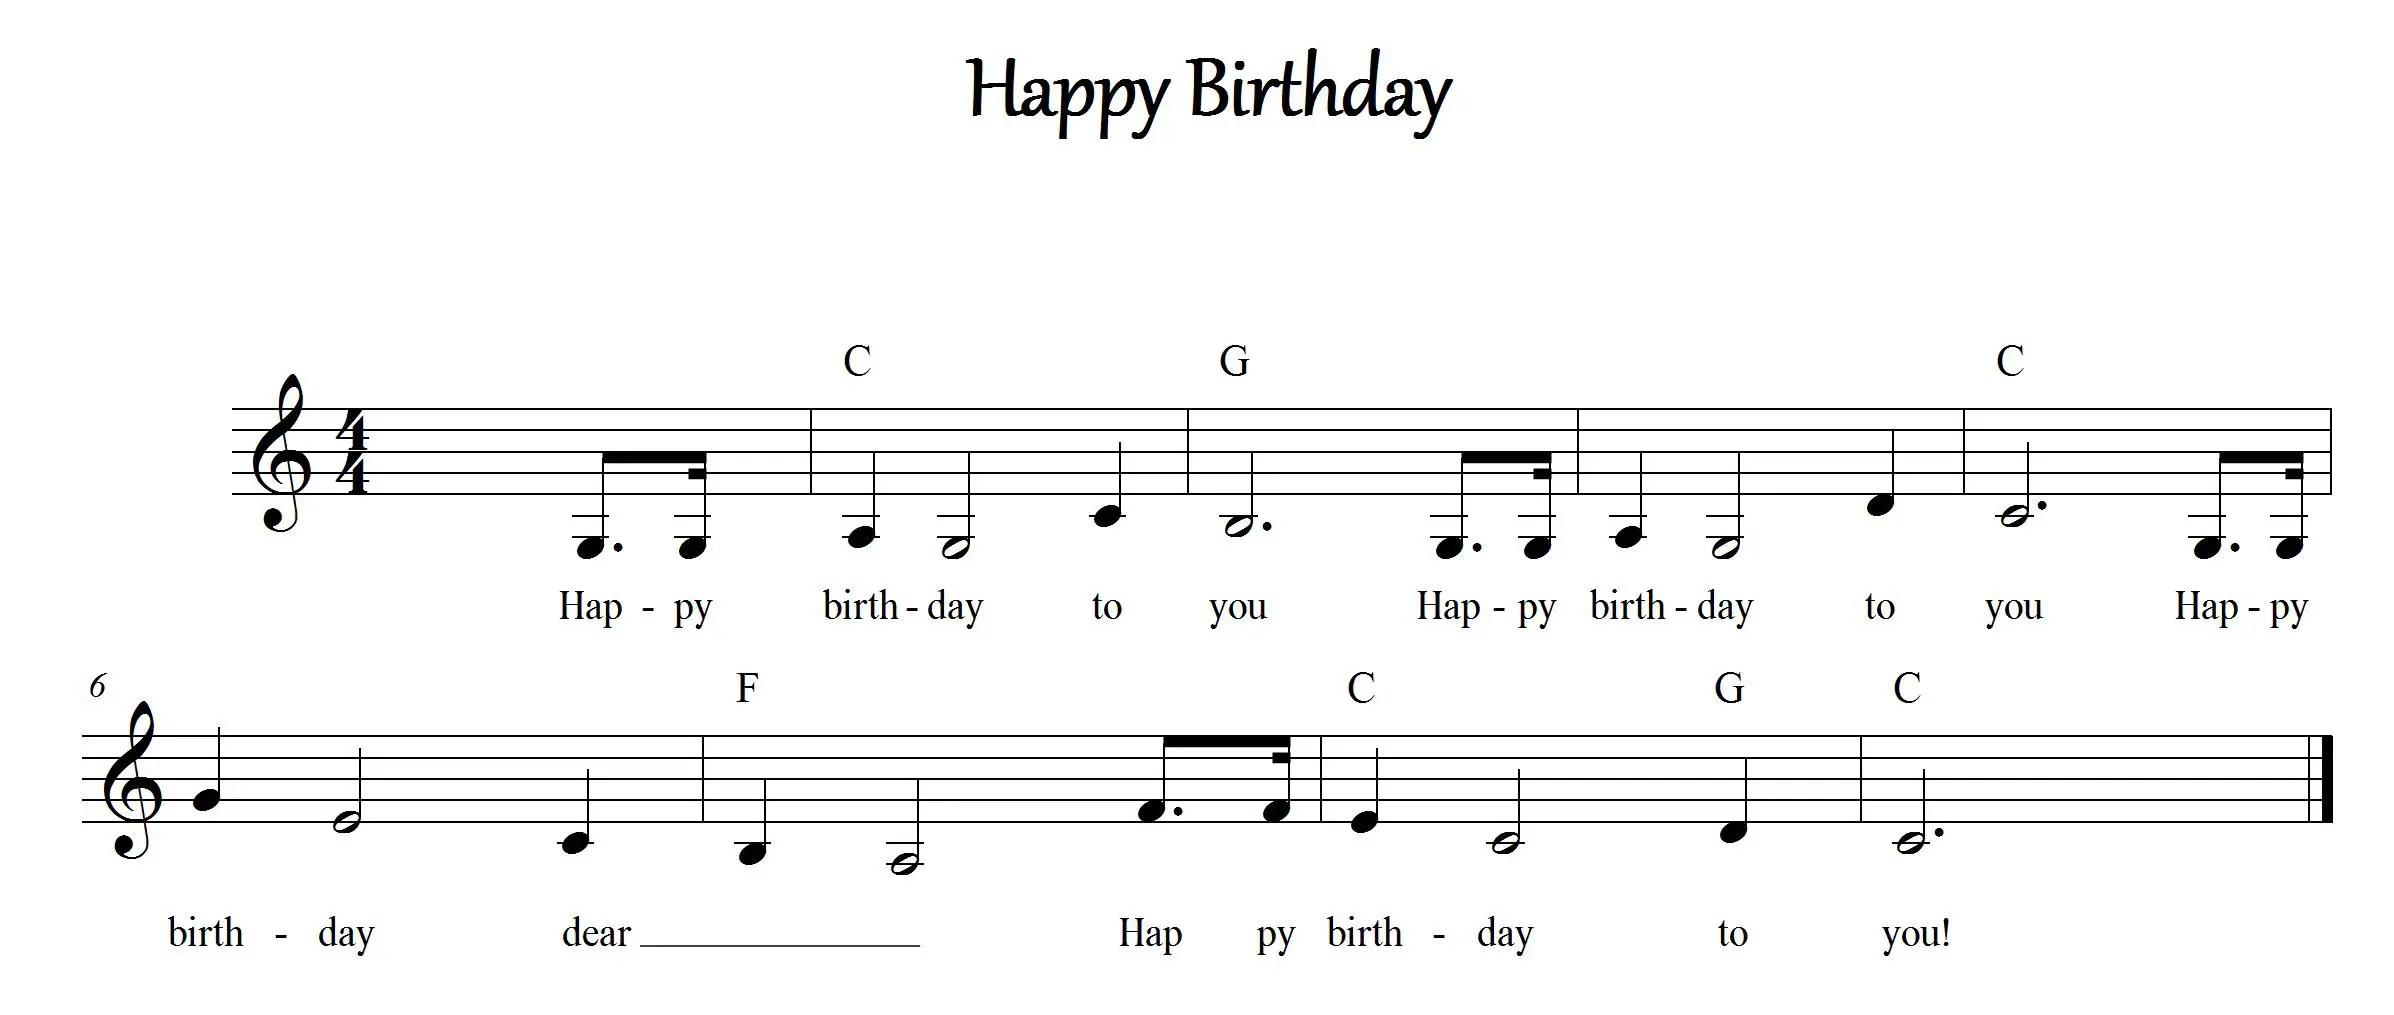 Happy Birthday Birthday Karaoke You Version Happy